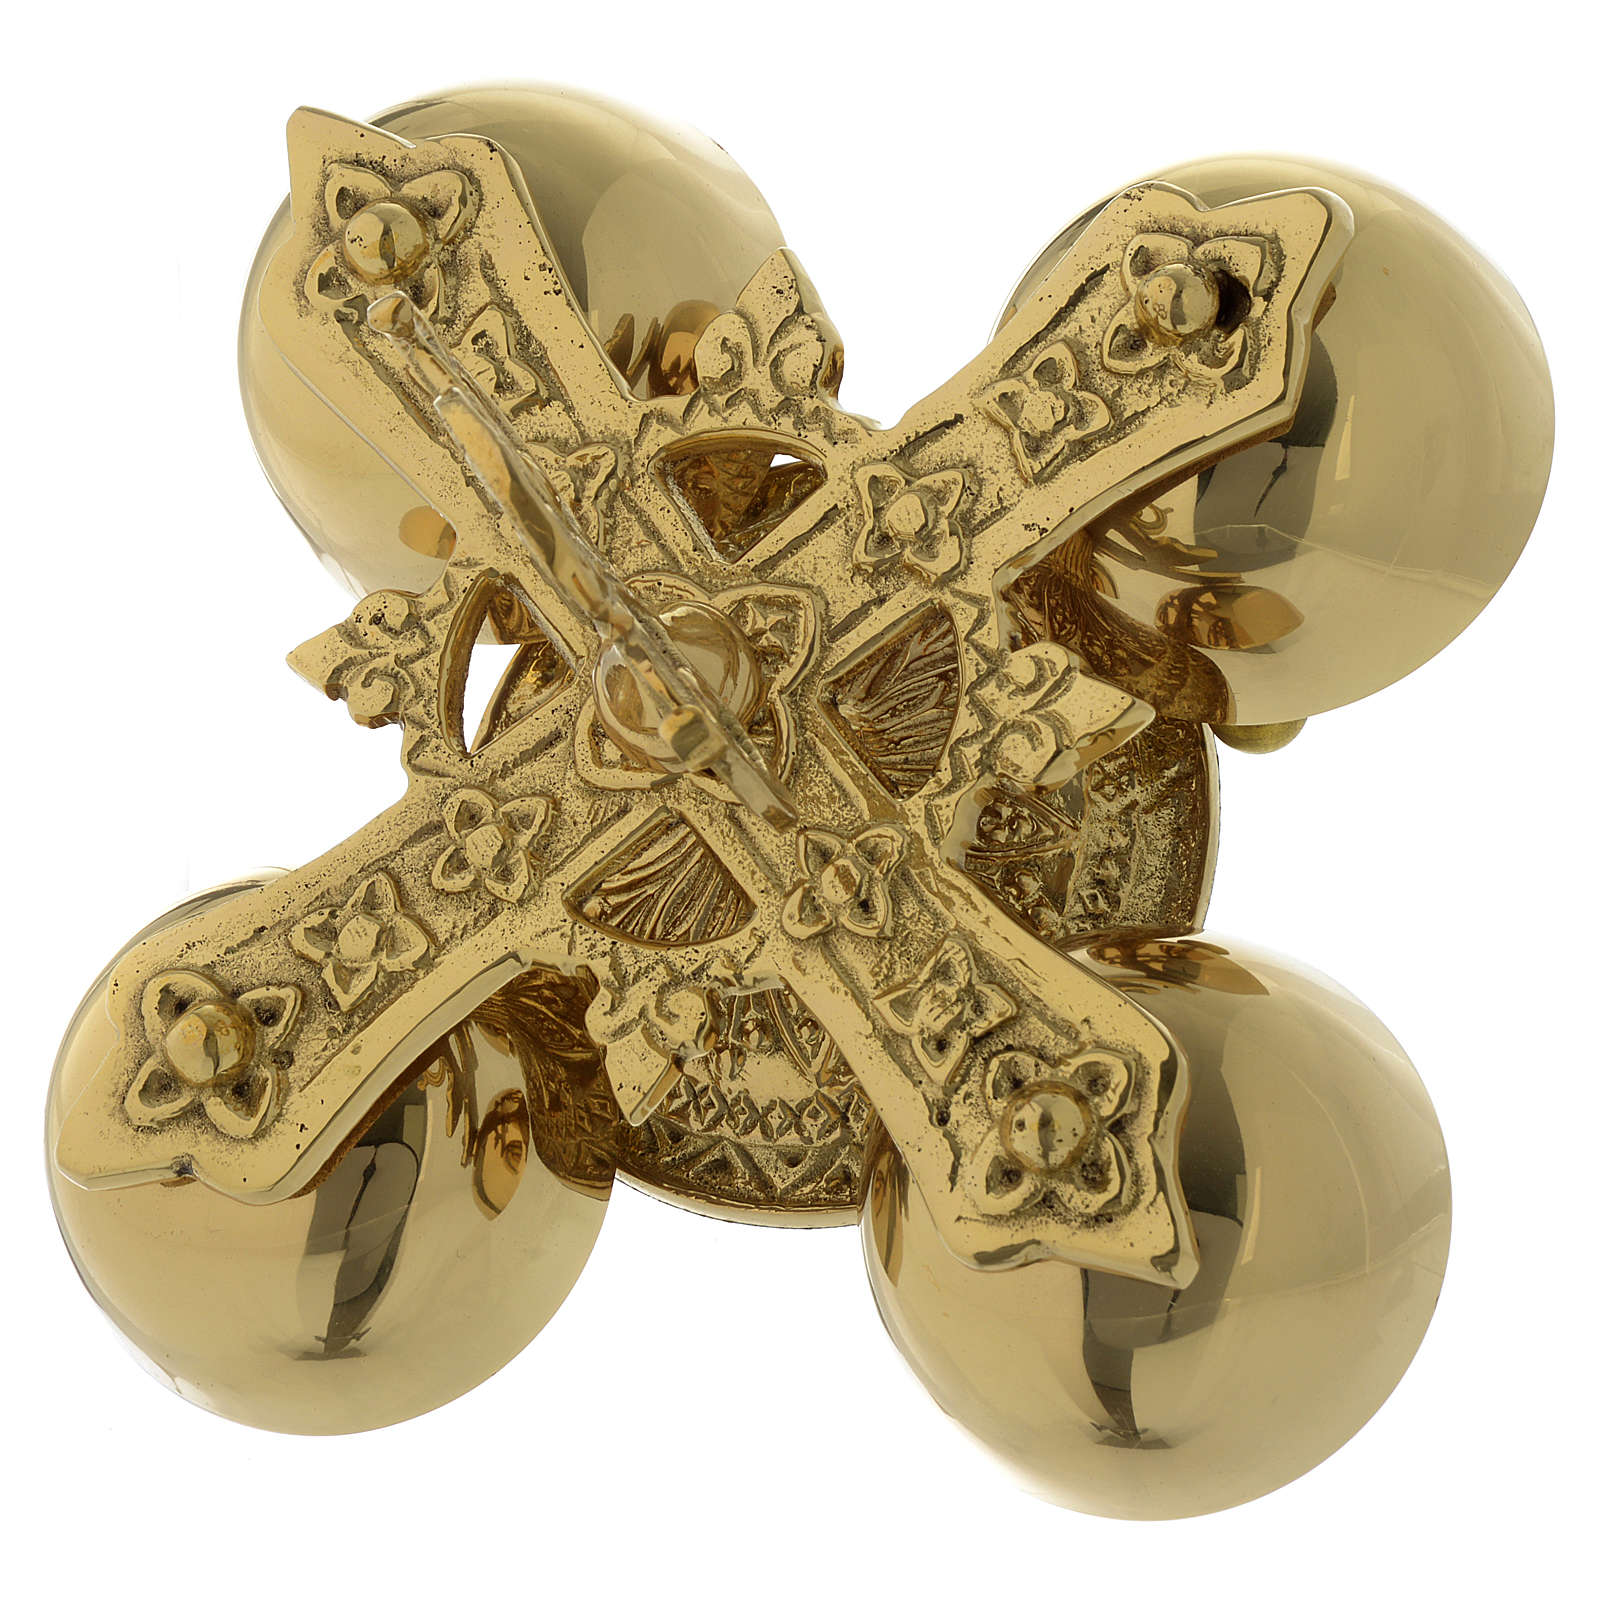 Carillon liturgique quatre timbres laiton doré 3